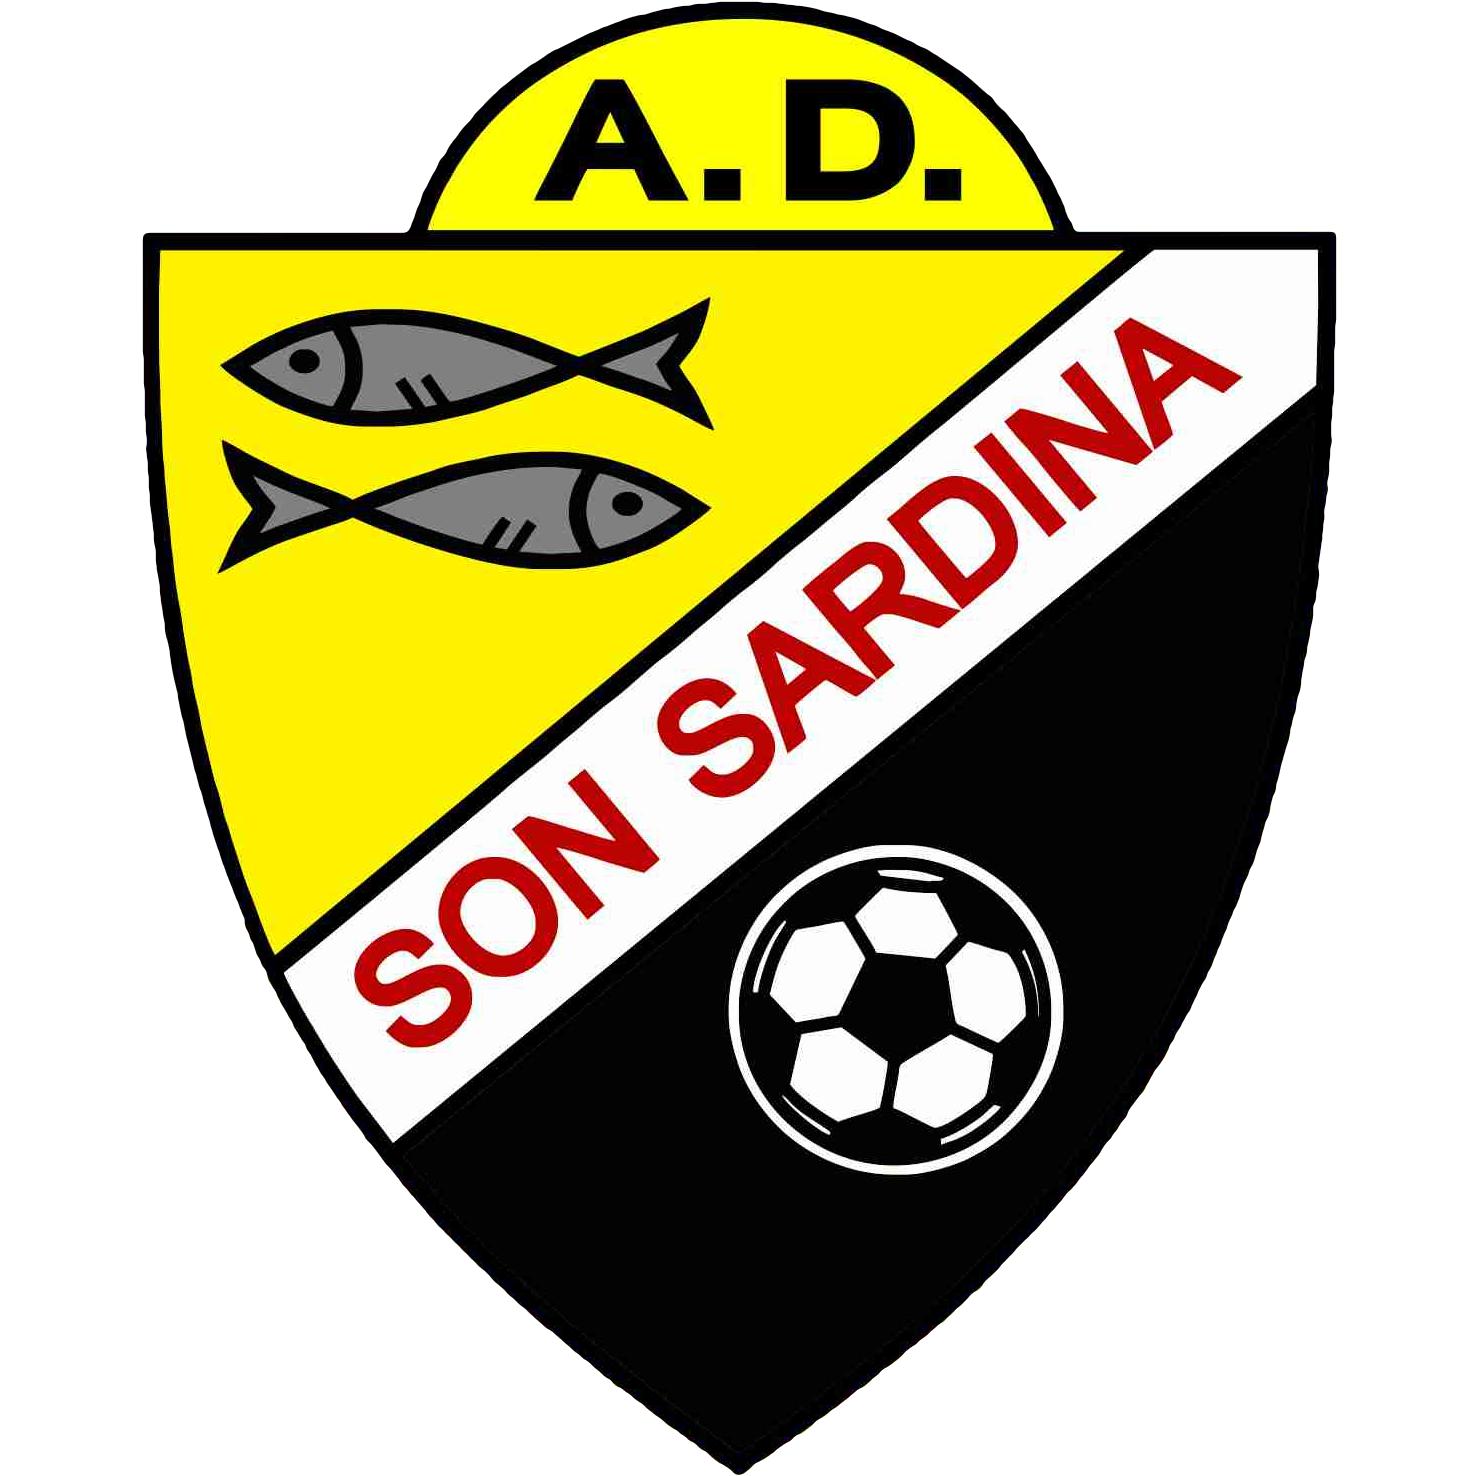 A.D. SON SARDINA